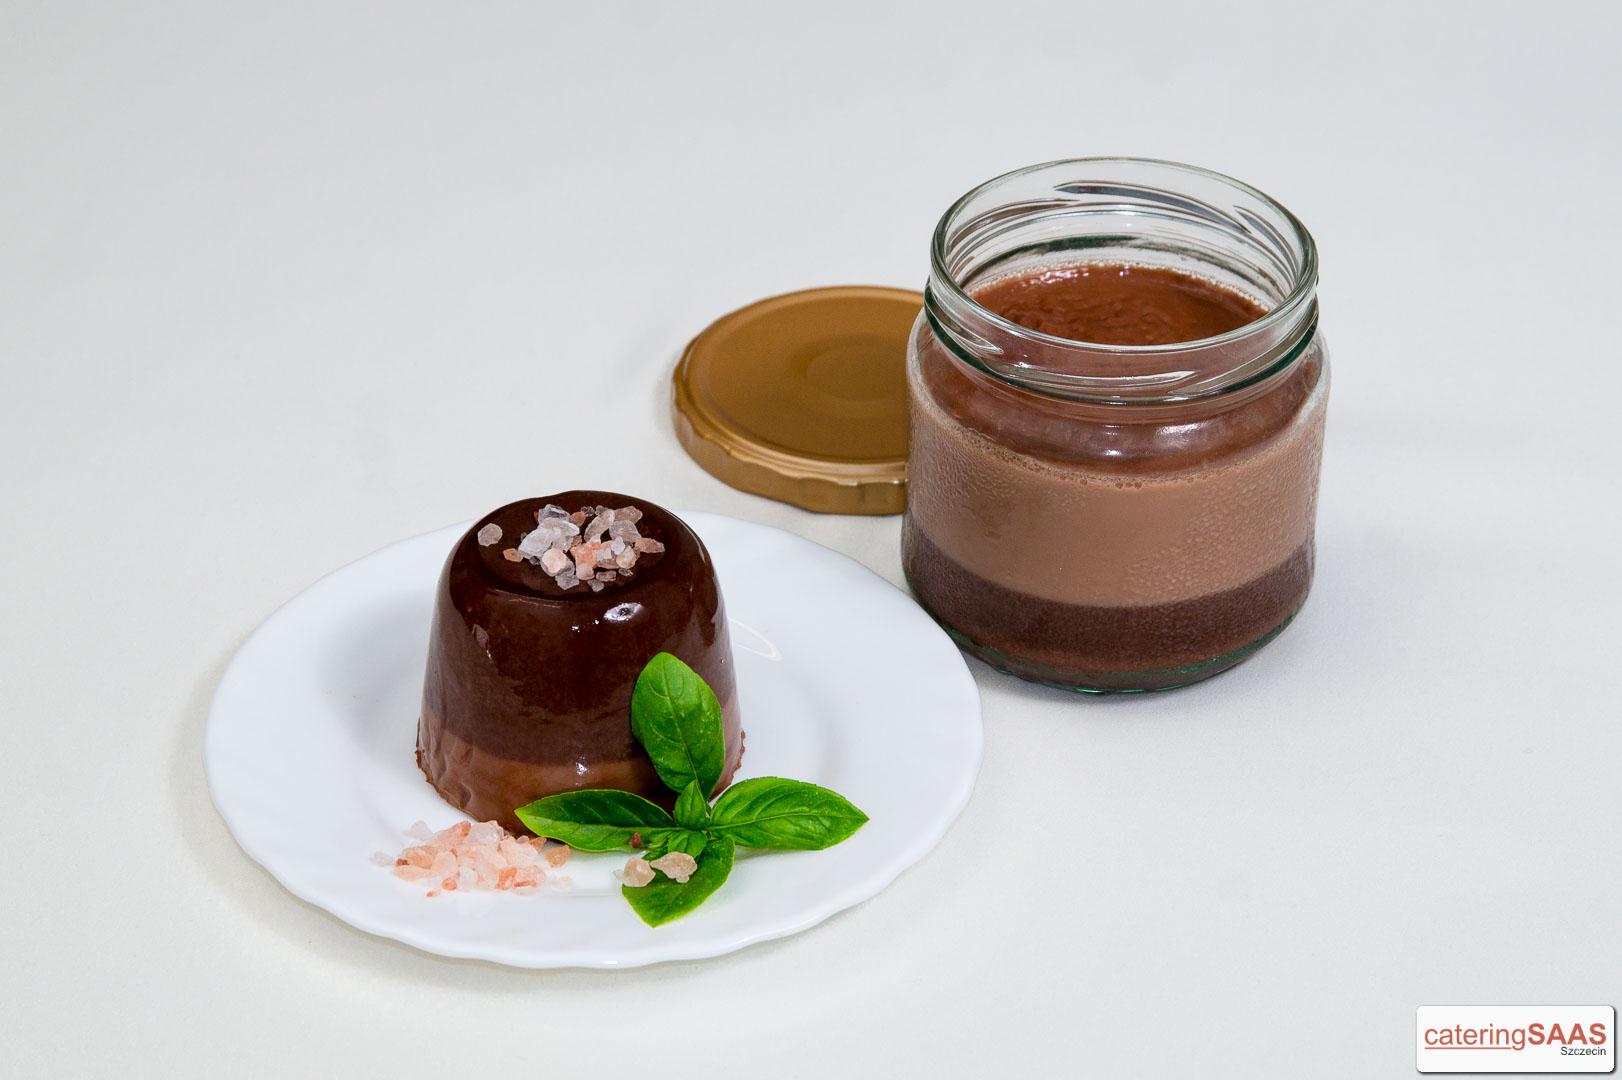 Saas czekoladowy z solą